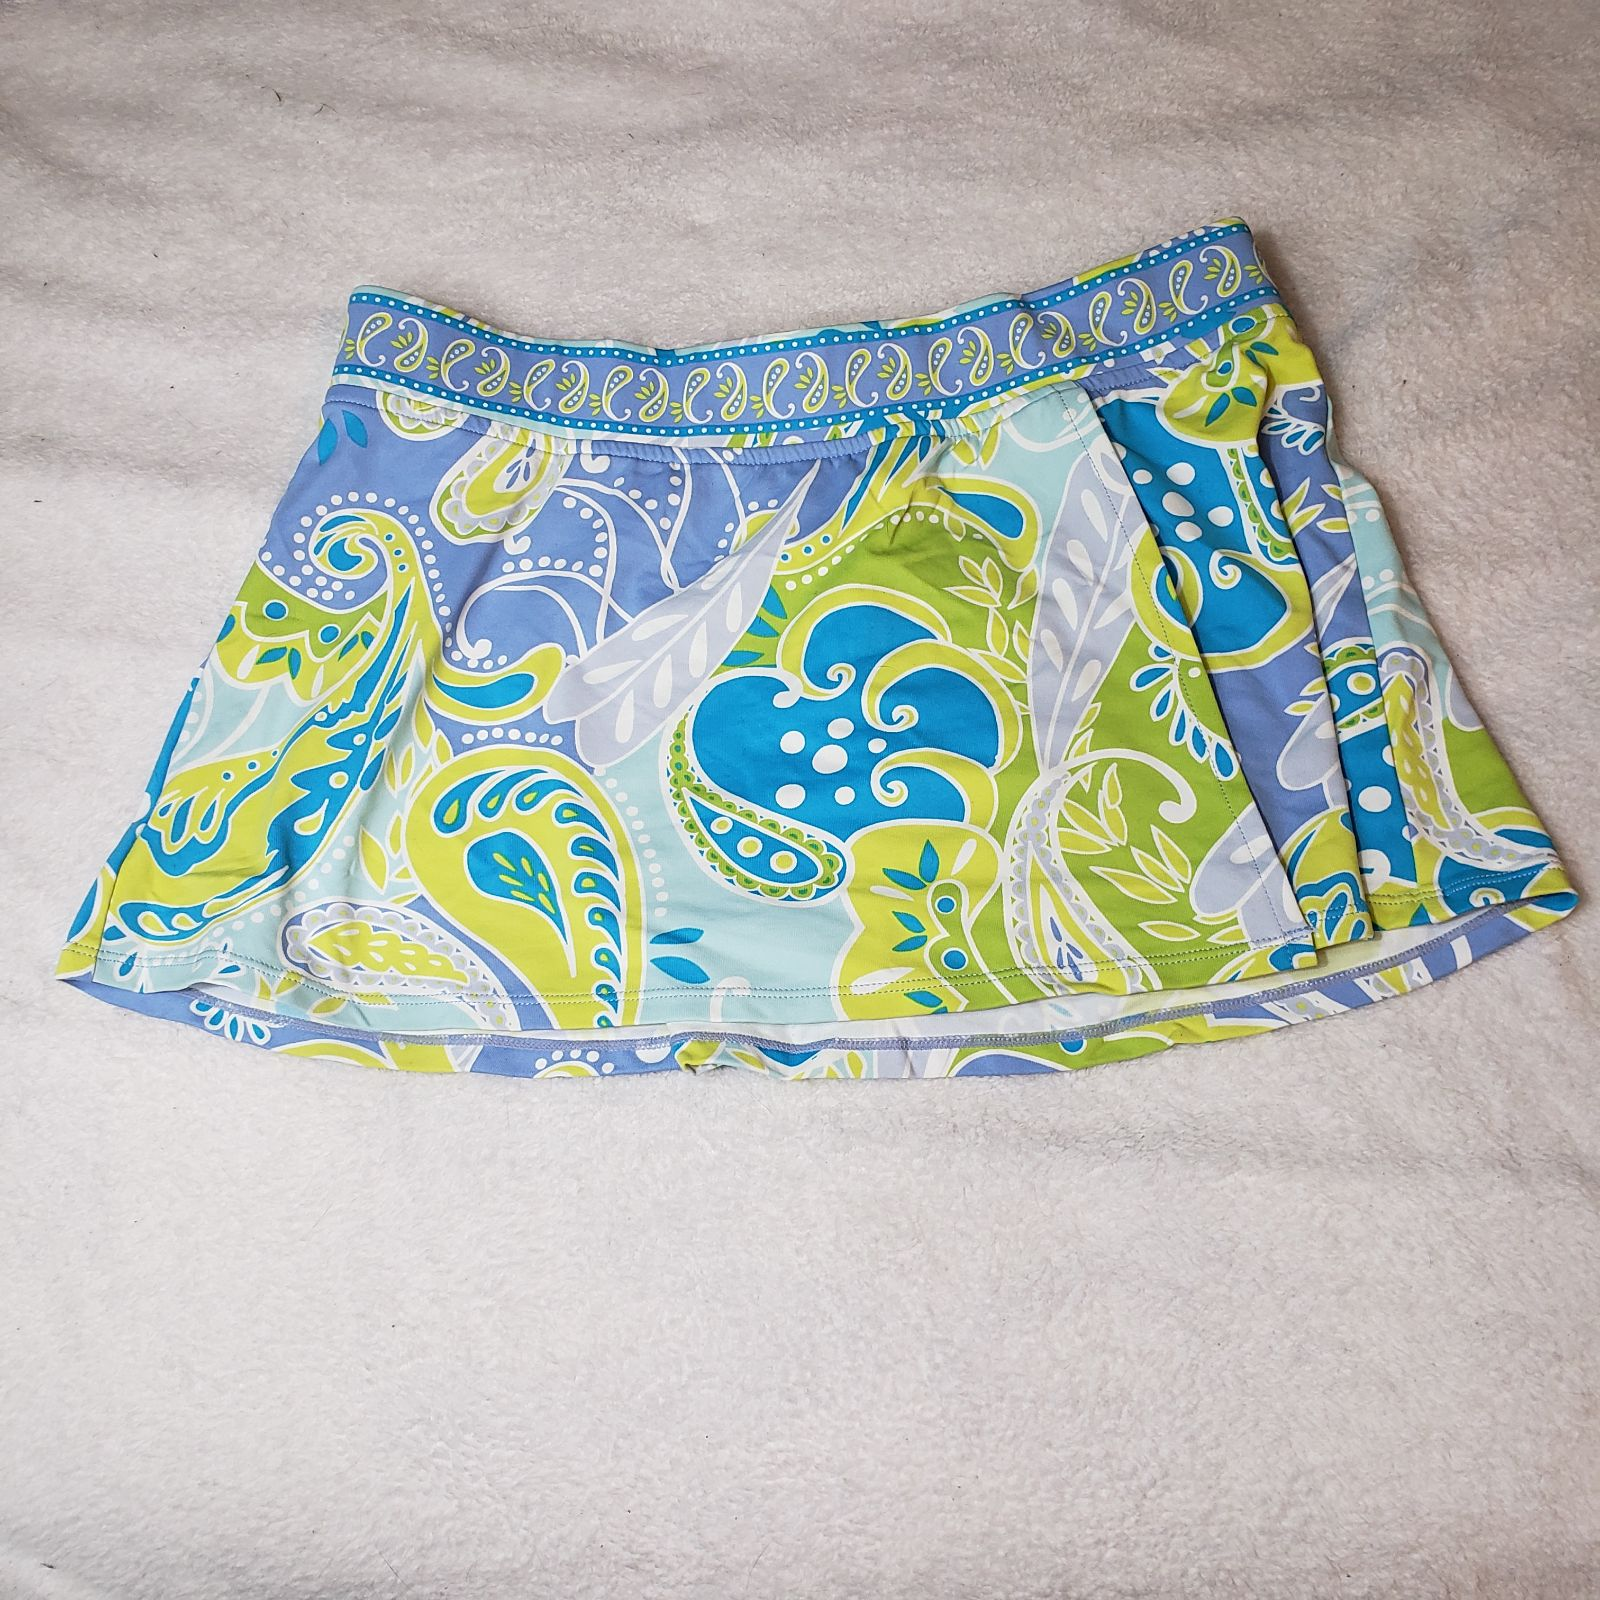 Jantzen Blue Paisley Swim Skirt Cover-Up